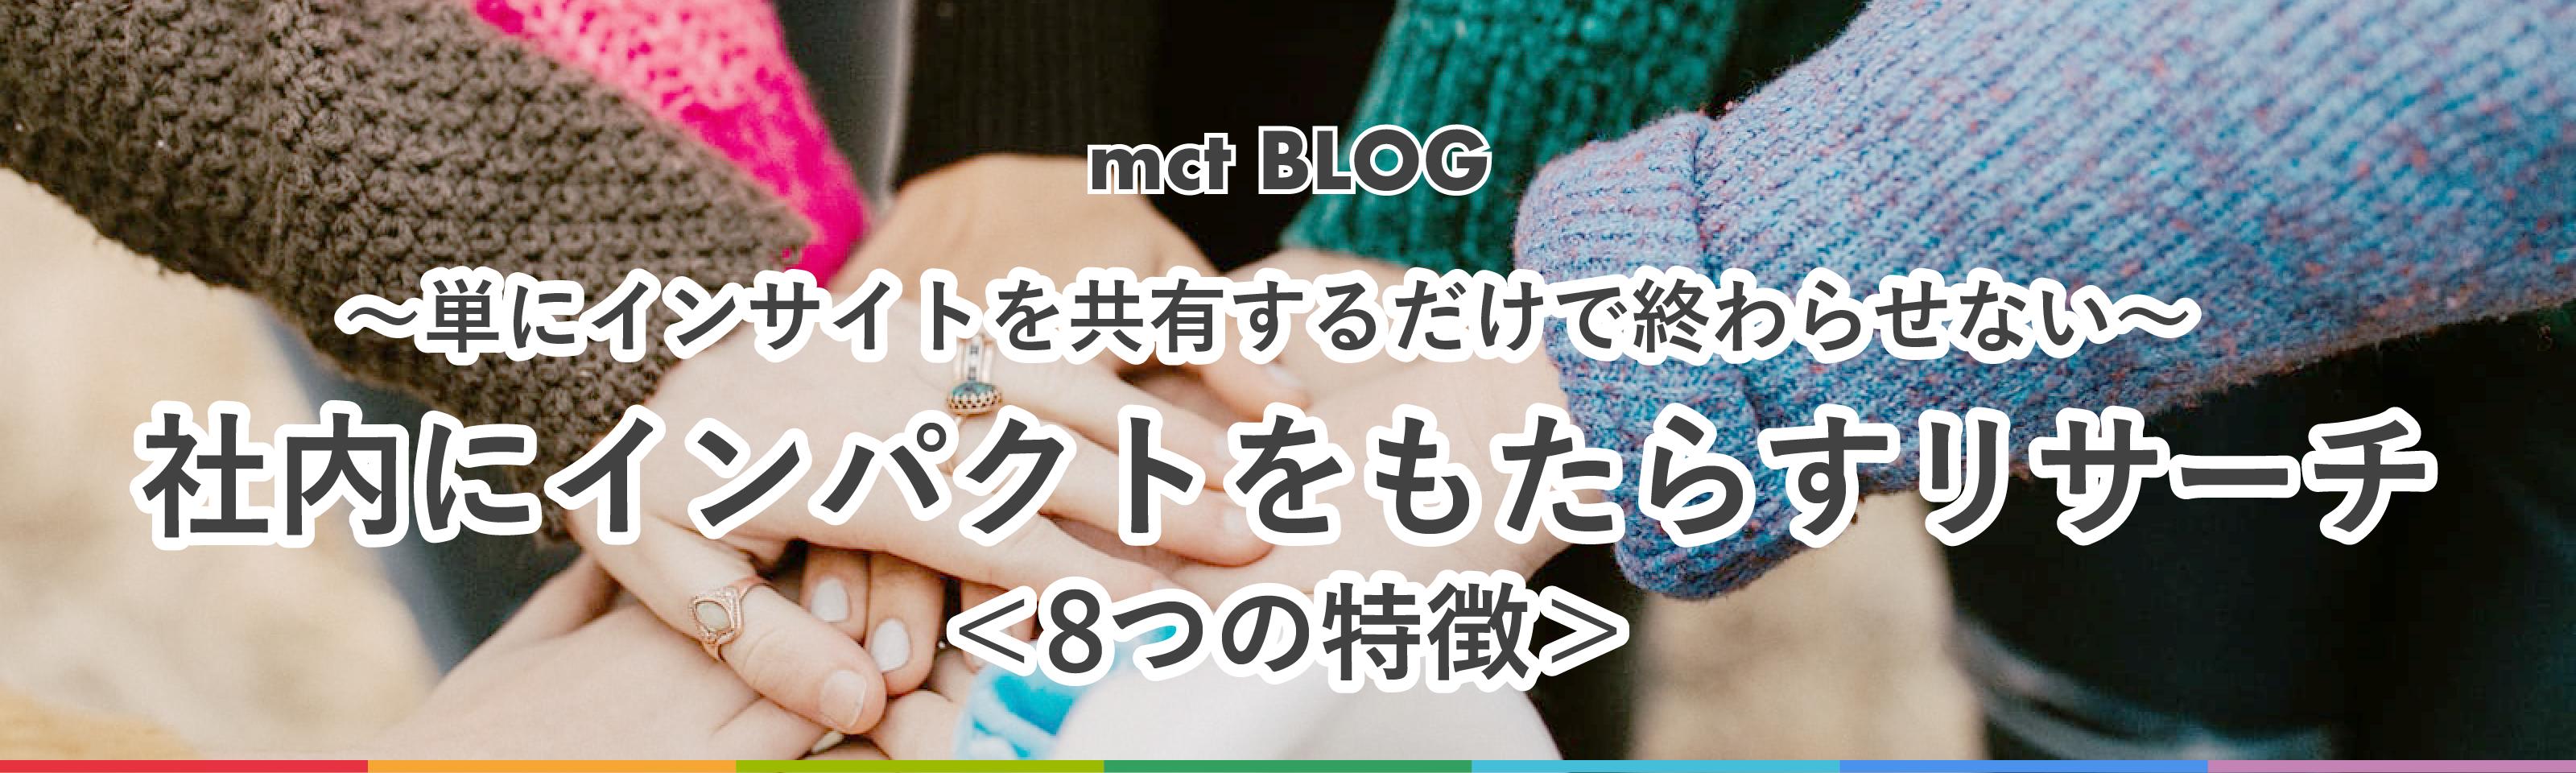 Blog 社内にインパクトをもたらすリサーチ <8つの特徴>